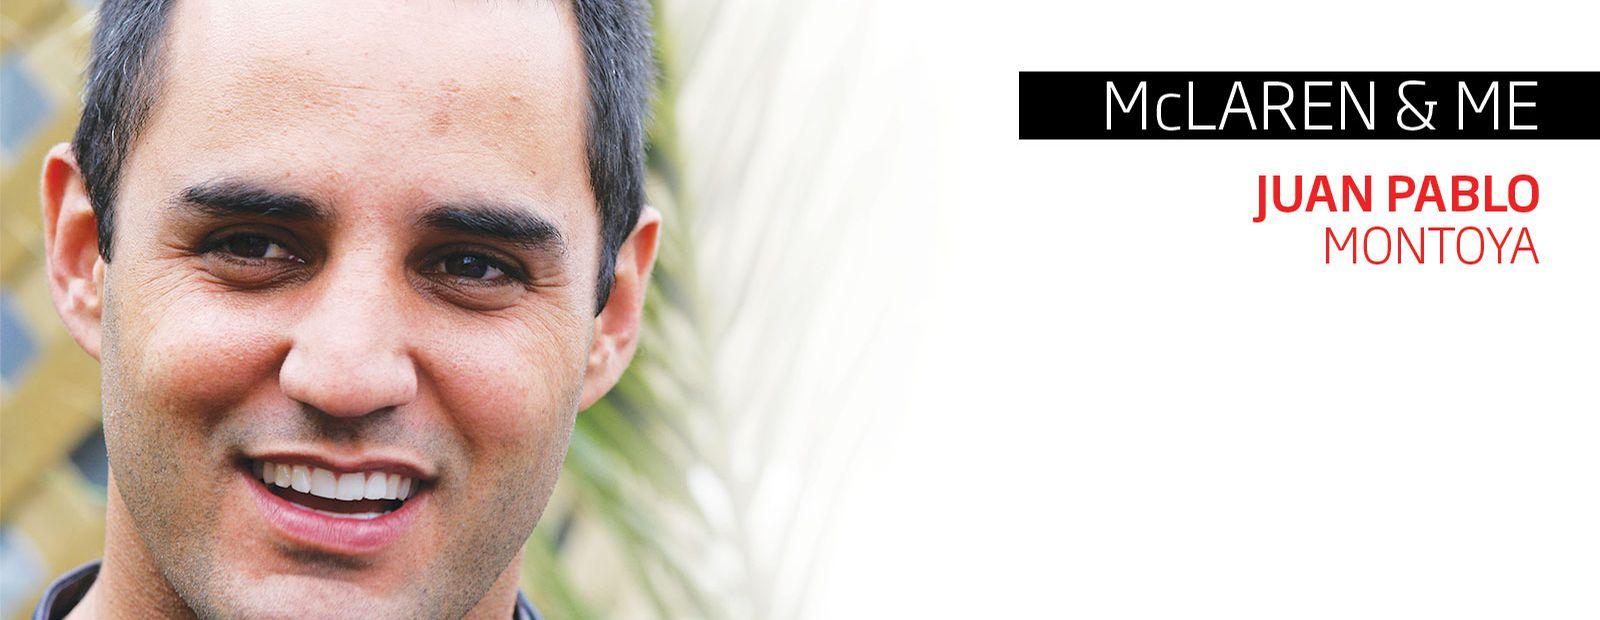 McLaren & Me: Juan Pablo Montoya